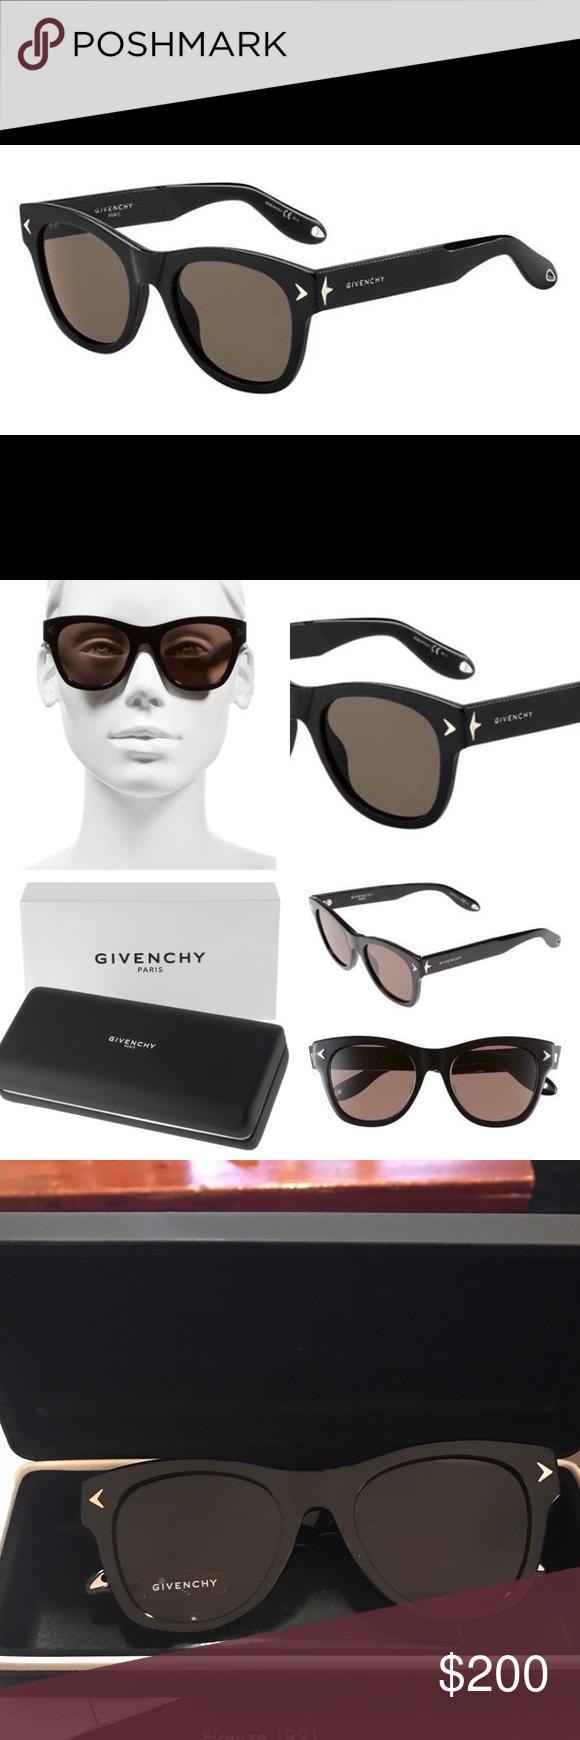 7dd0234b9d Givenchy Uni-sex Polarized Retro Sunglasses NIB Givenchy GV 7010 S 807 (EJ)  uni-sex polarized 51Mm retro sunglasses..comes with sunglass case and ...